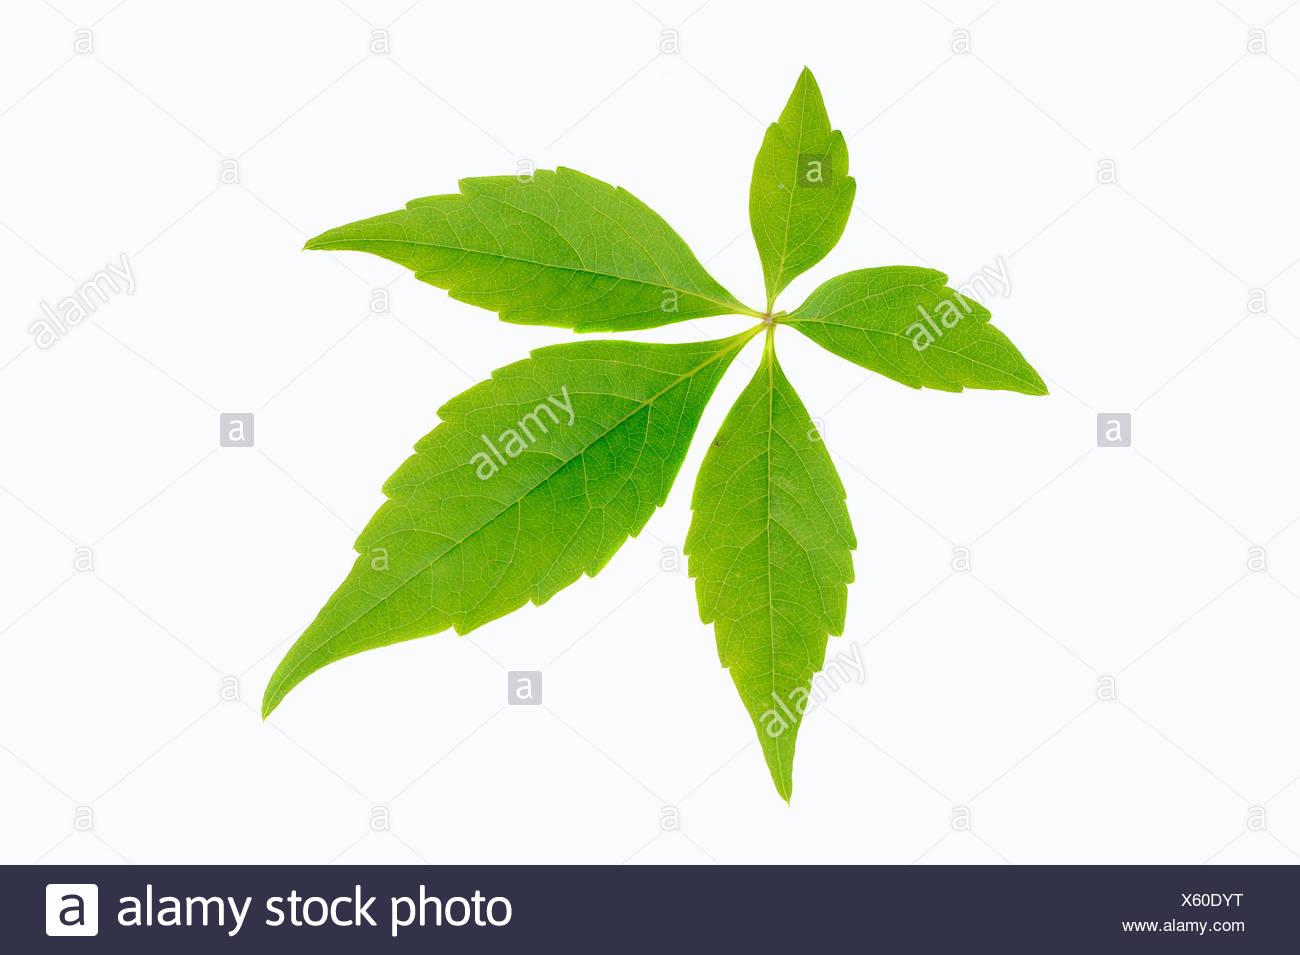 Blatt von einem wildem Wein oder 5-blättrig, Ivy (Parthenocissus Quinquefolia), Bergkamen, Nordrhein-Westfalen, Deutschland Stockbild